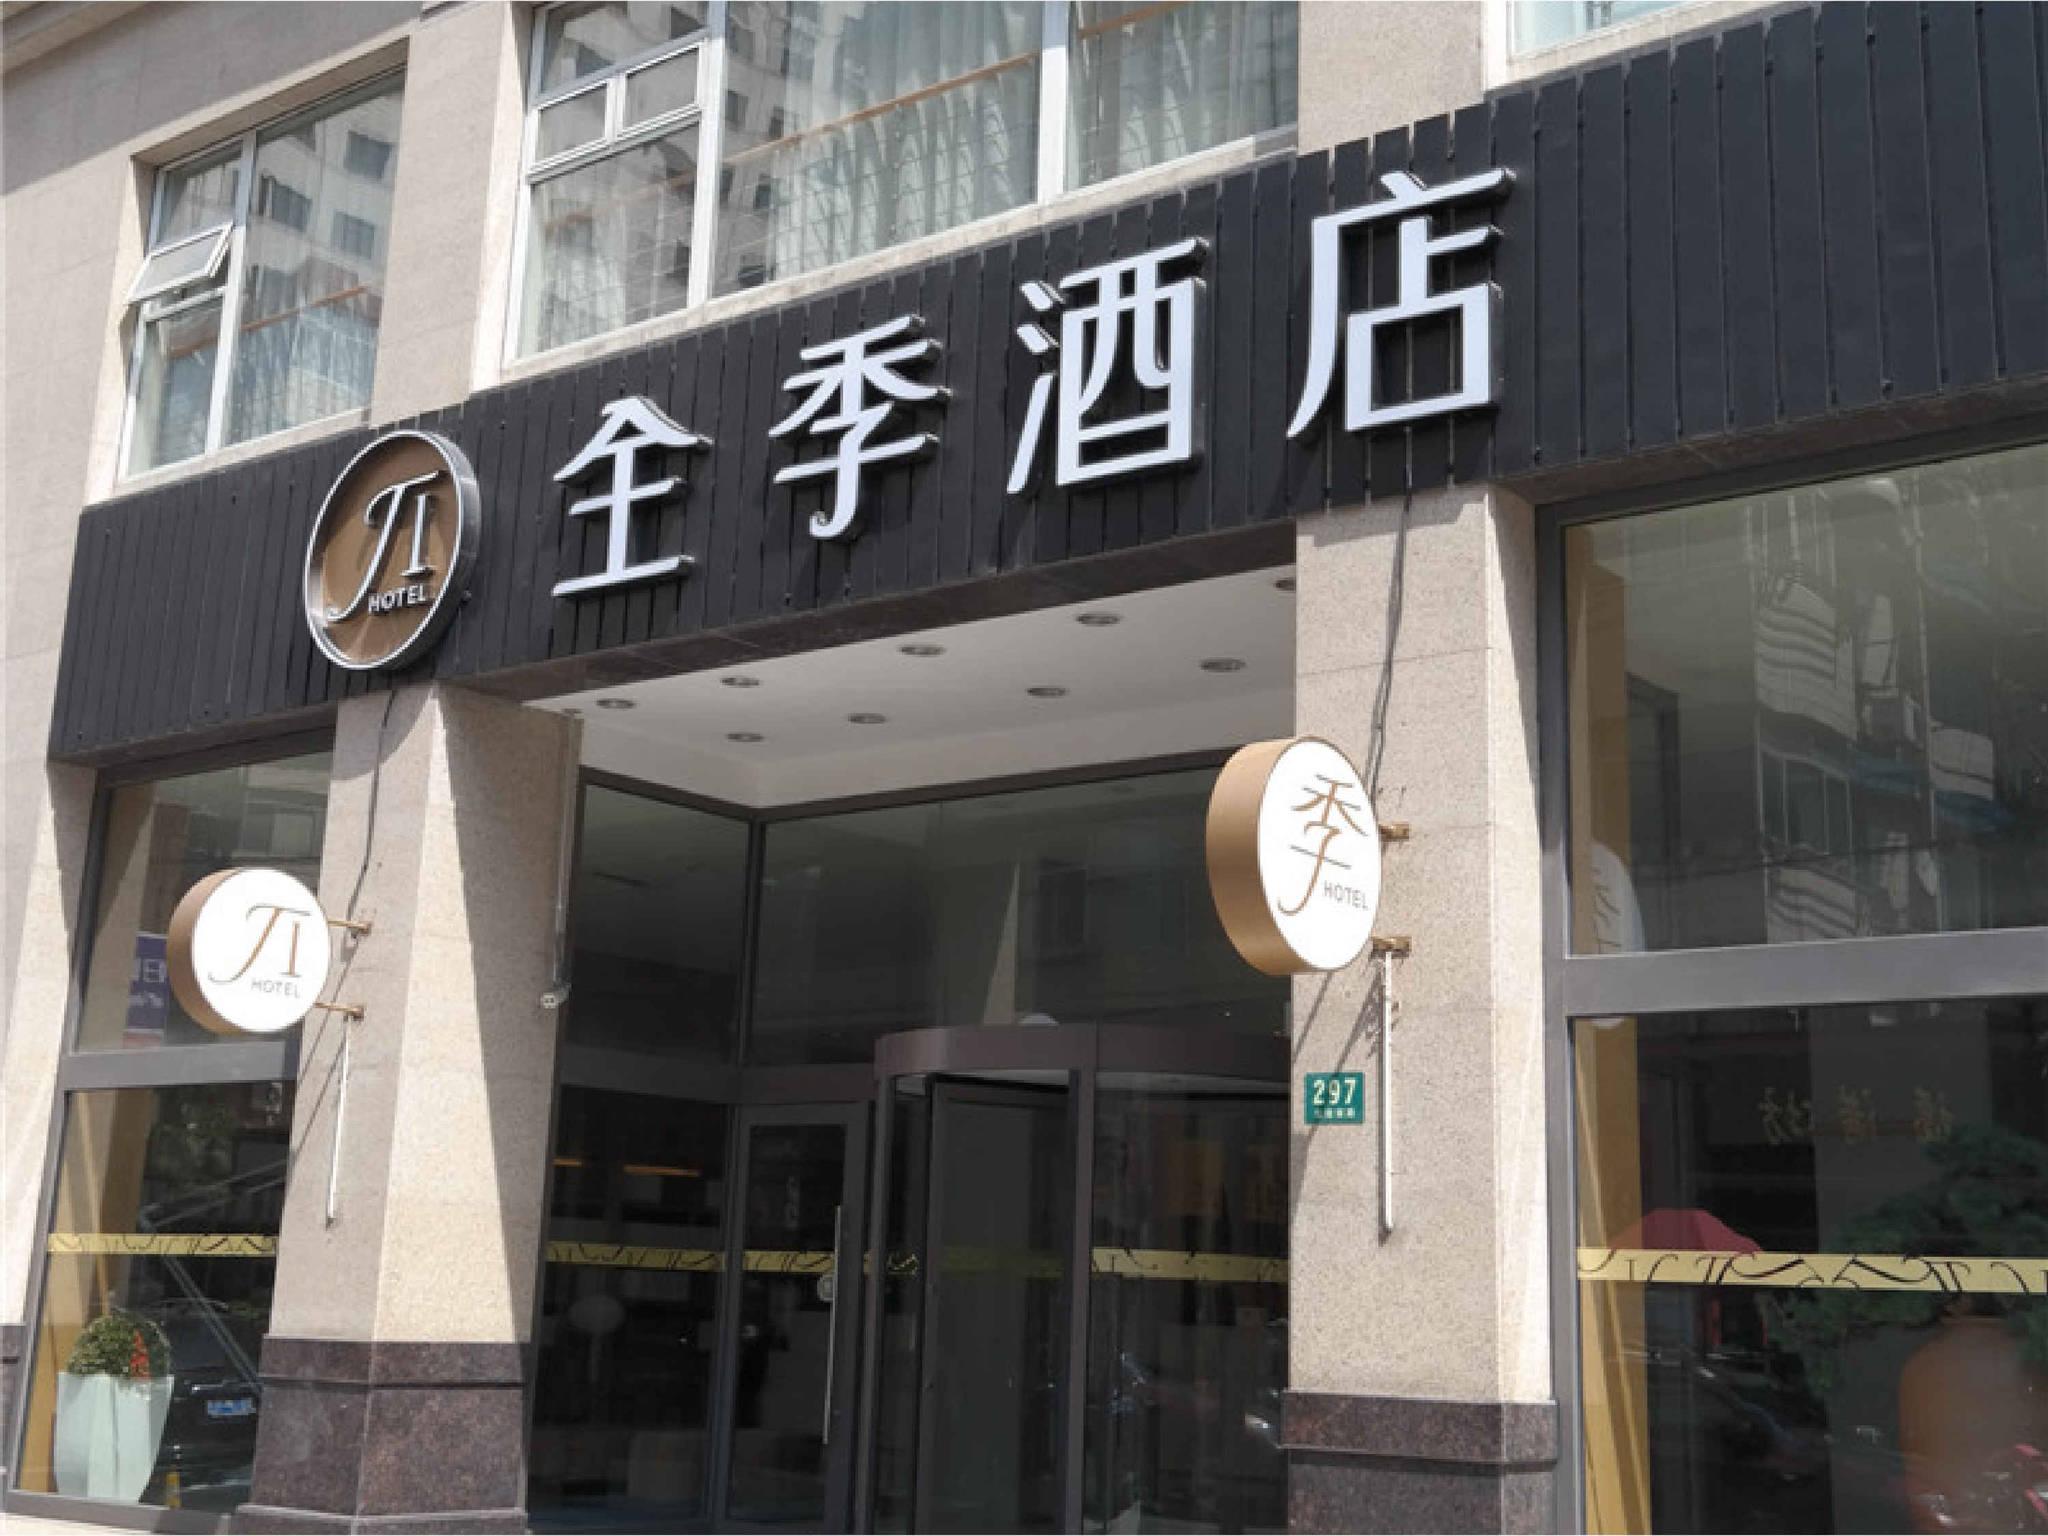 فندق - Ji Hotel Shanghai Huaihai road